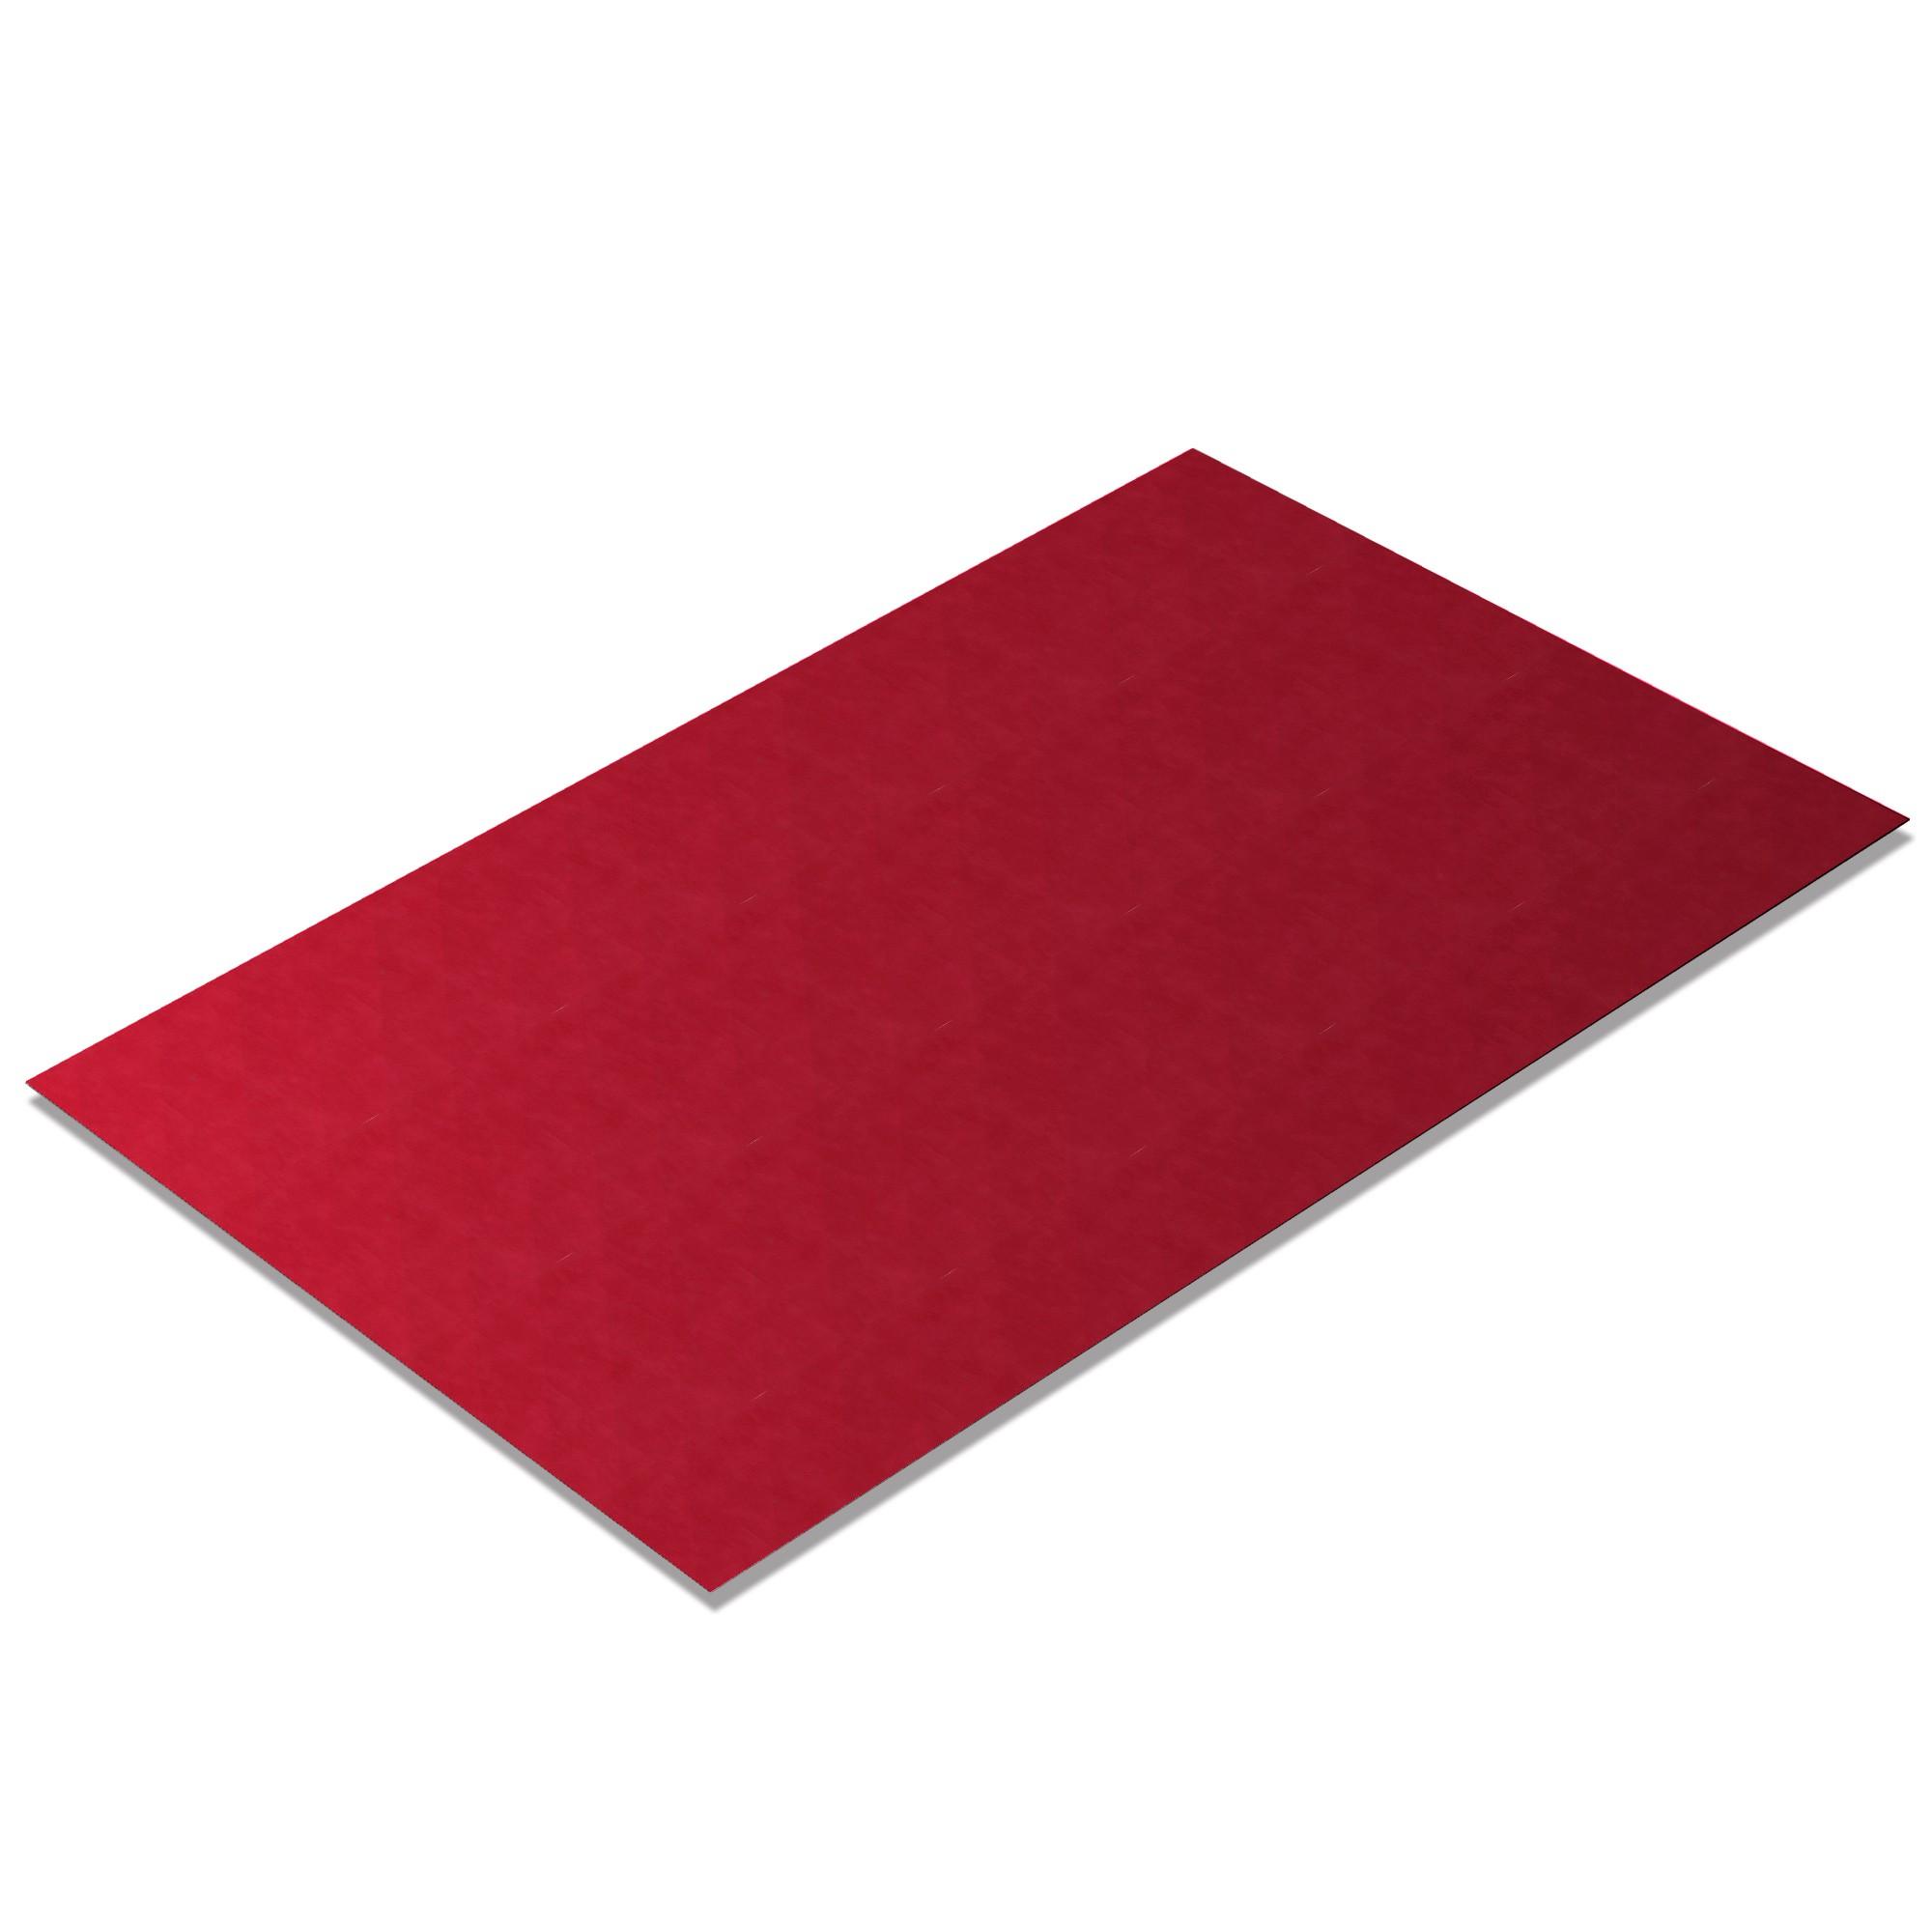 Kunstleder Meterware Freeport Red [FRE300]